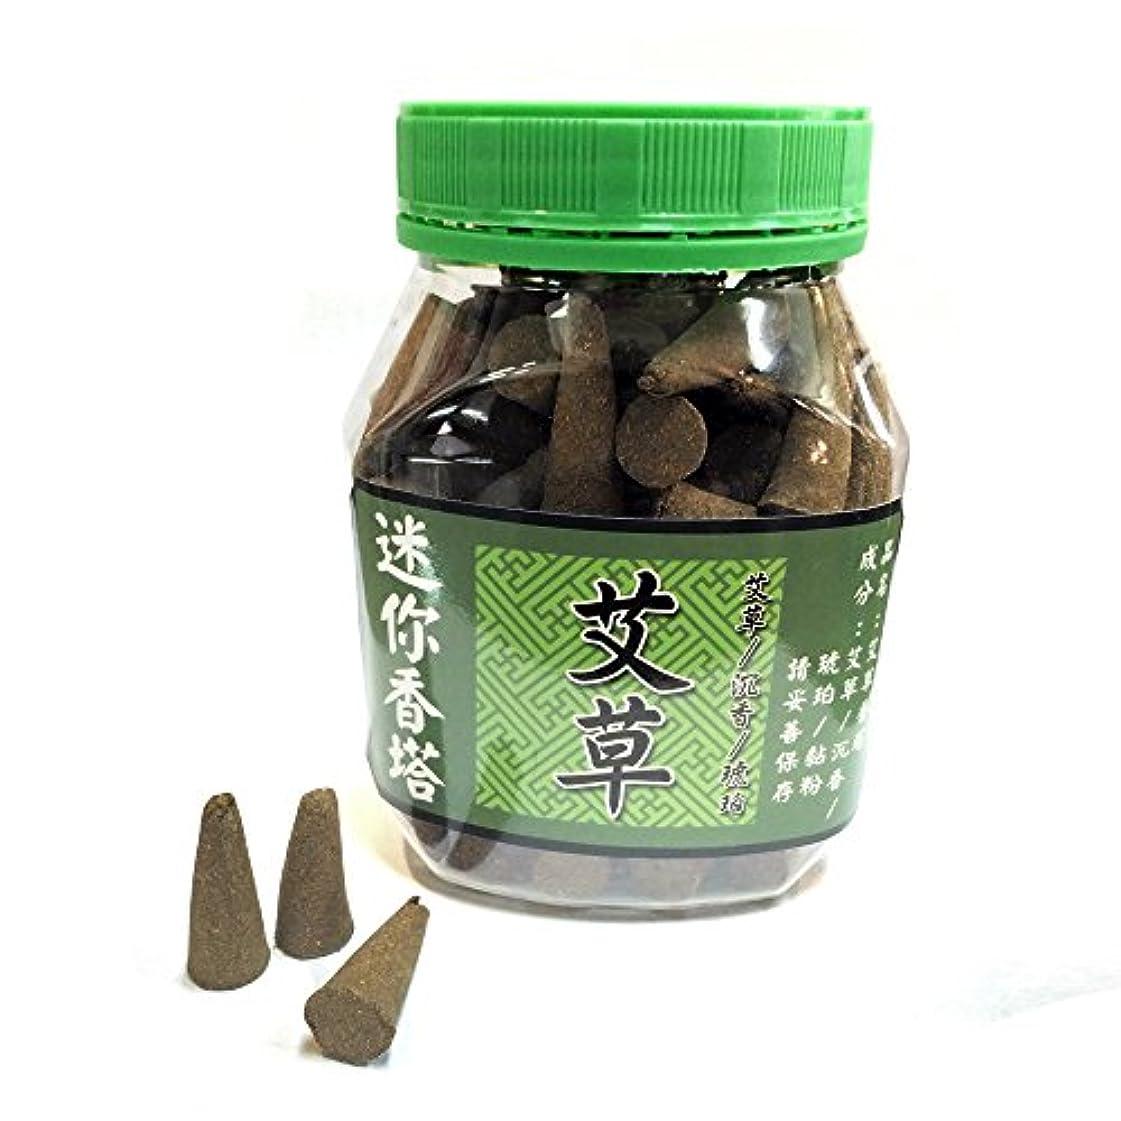 アナロジー田舎知る台湾沉香舍 お香 艾草香 塔香 ヨモギ ハーブ コーン 約60個